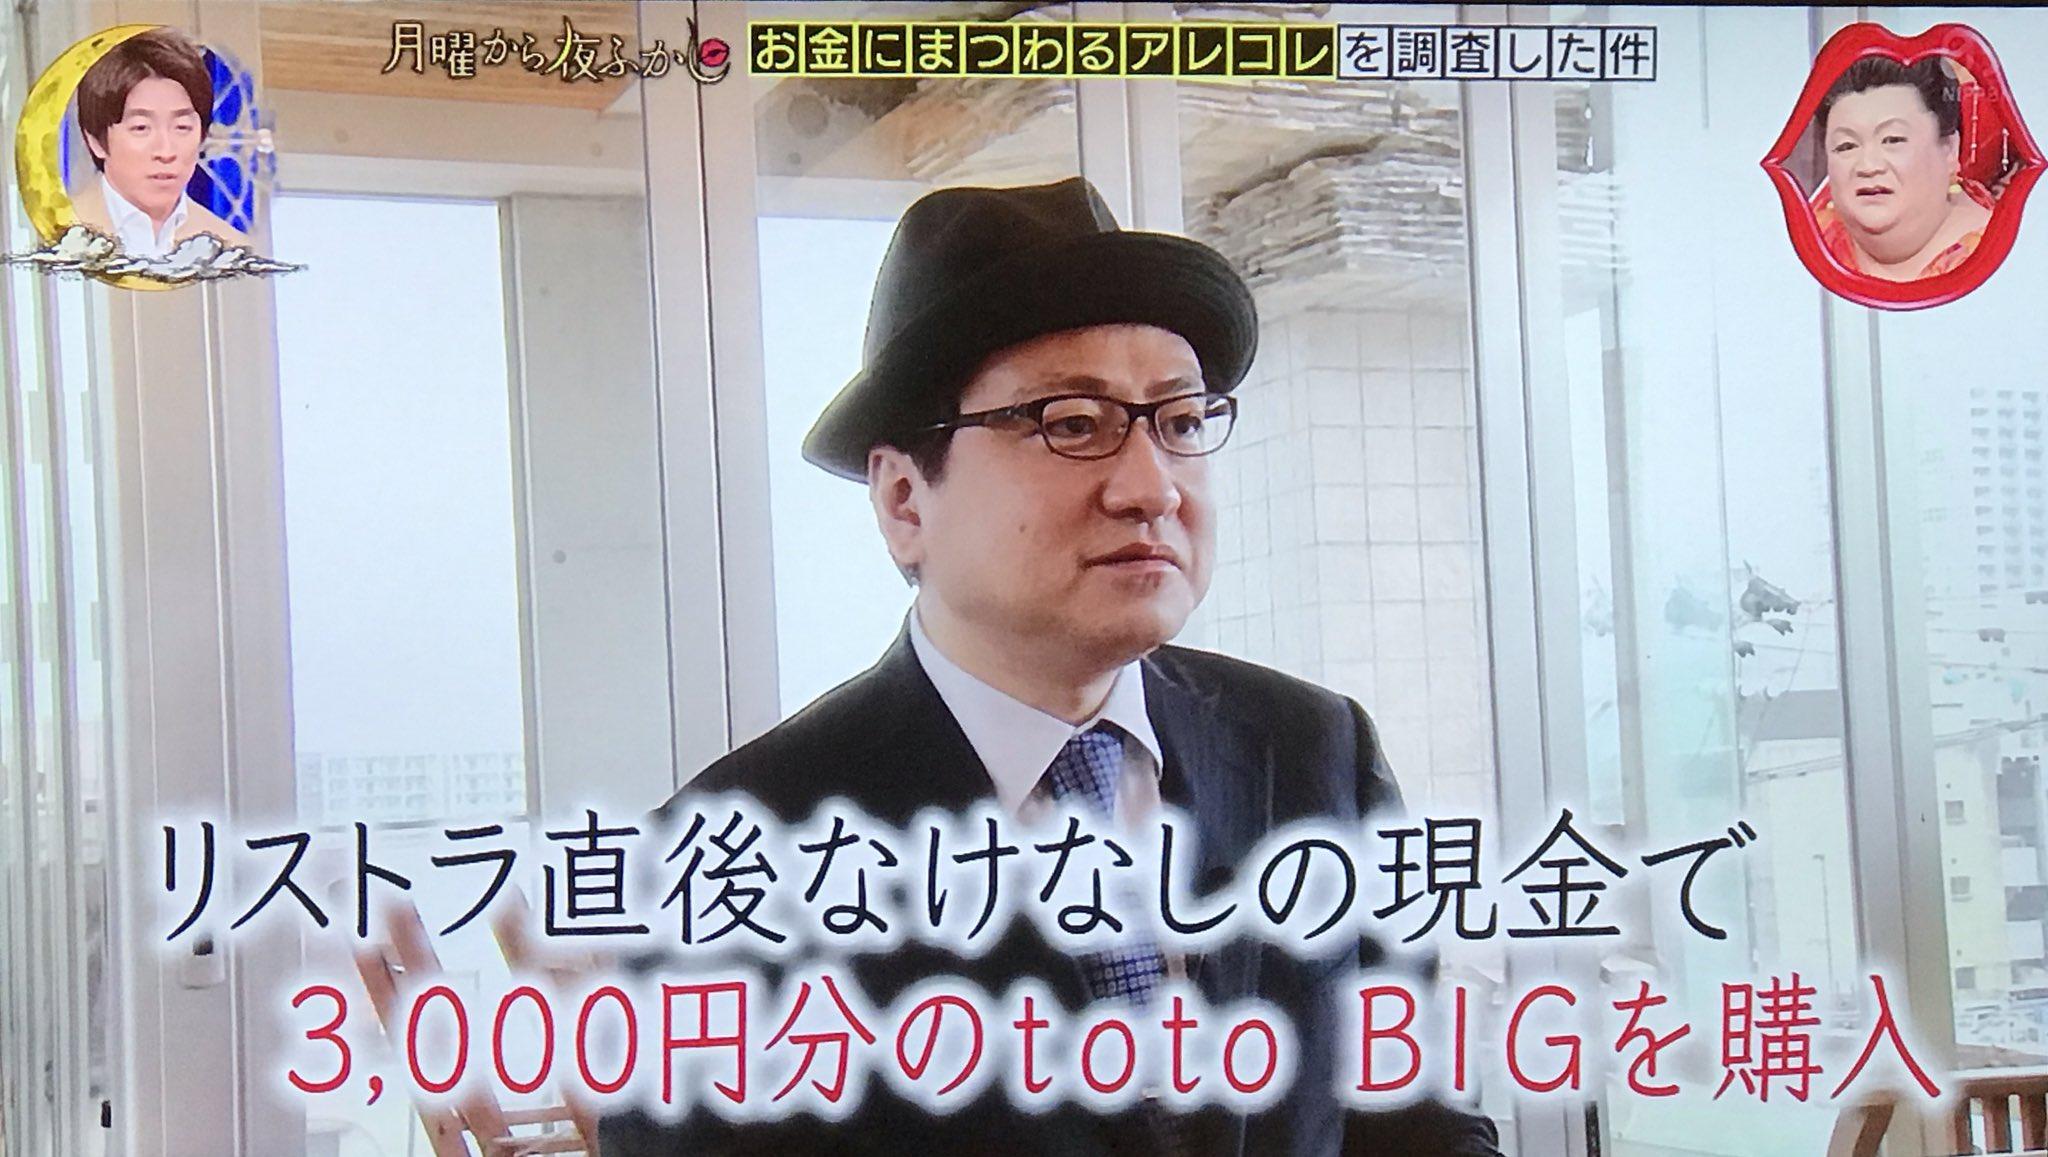 宝くじで6億円当たった男はやはり精神力が凄すぎる!!